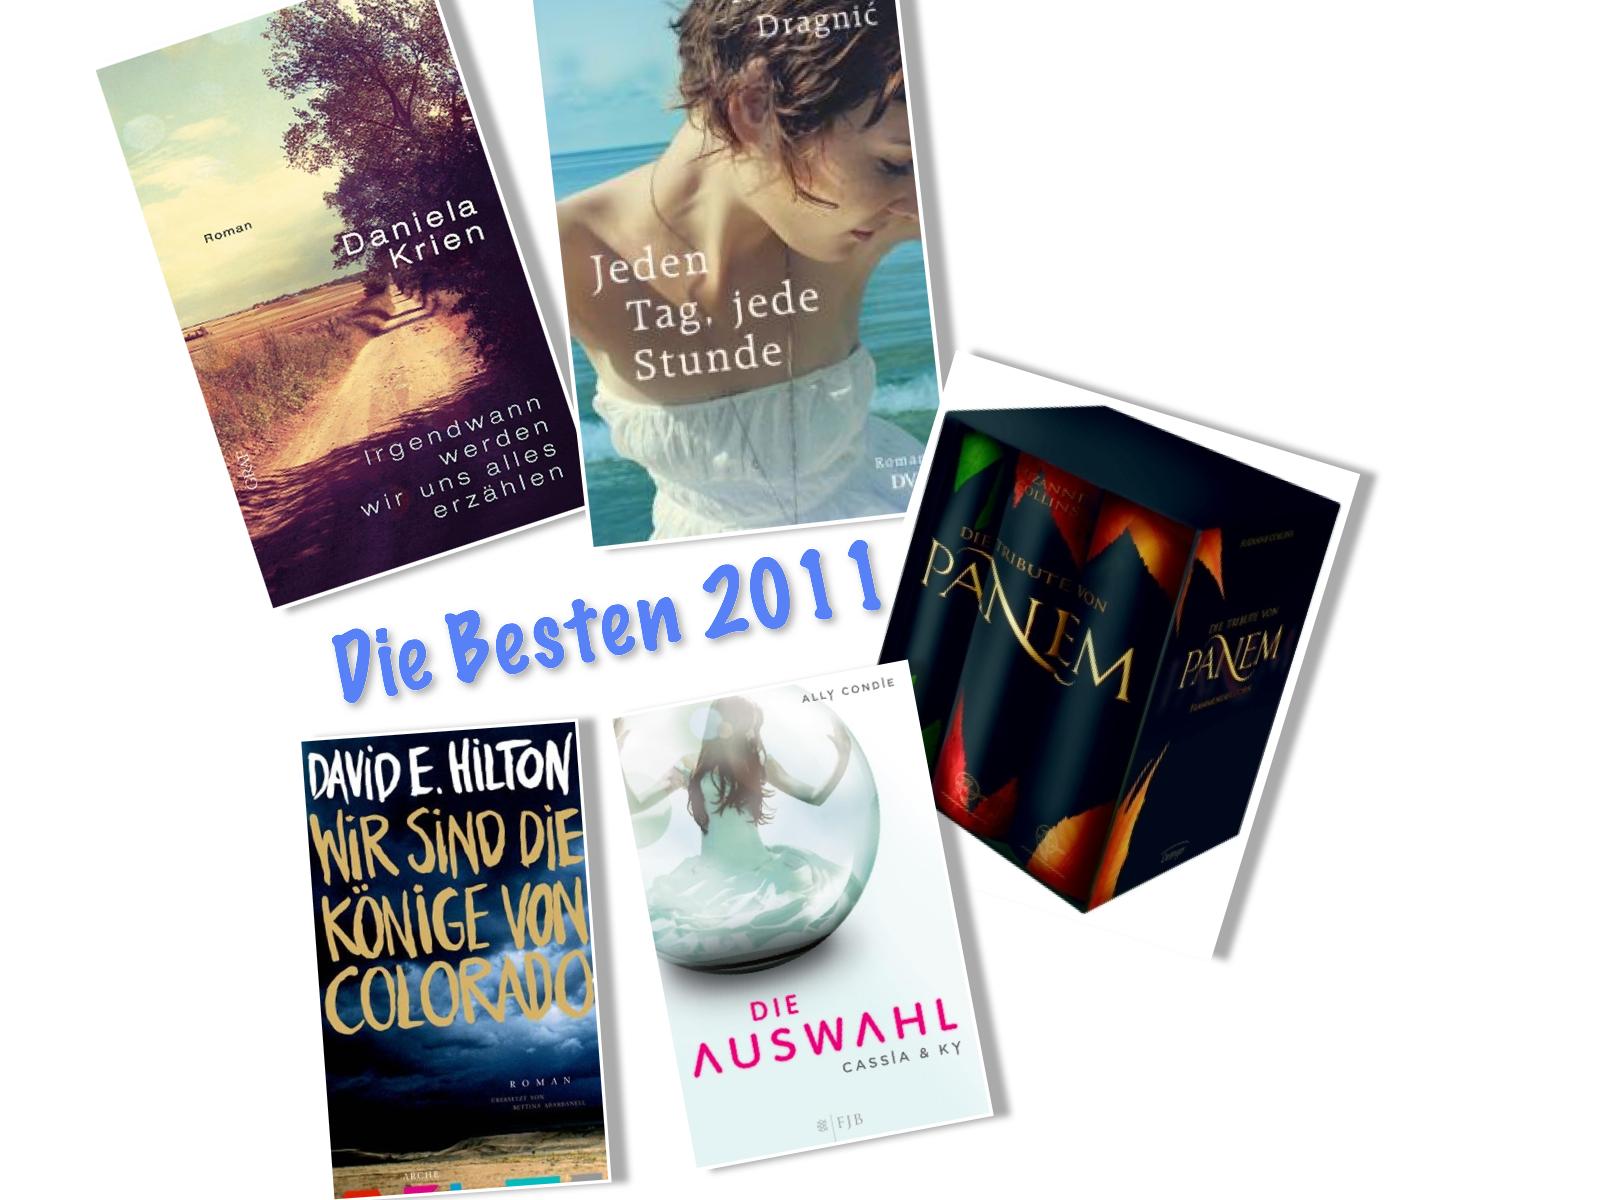 Die Besten] ... Top Bücher 2011 ... ~ * zeilenreisende *